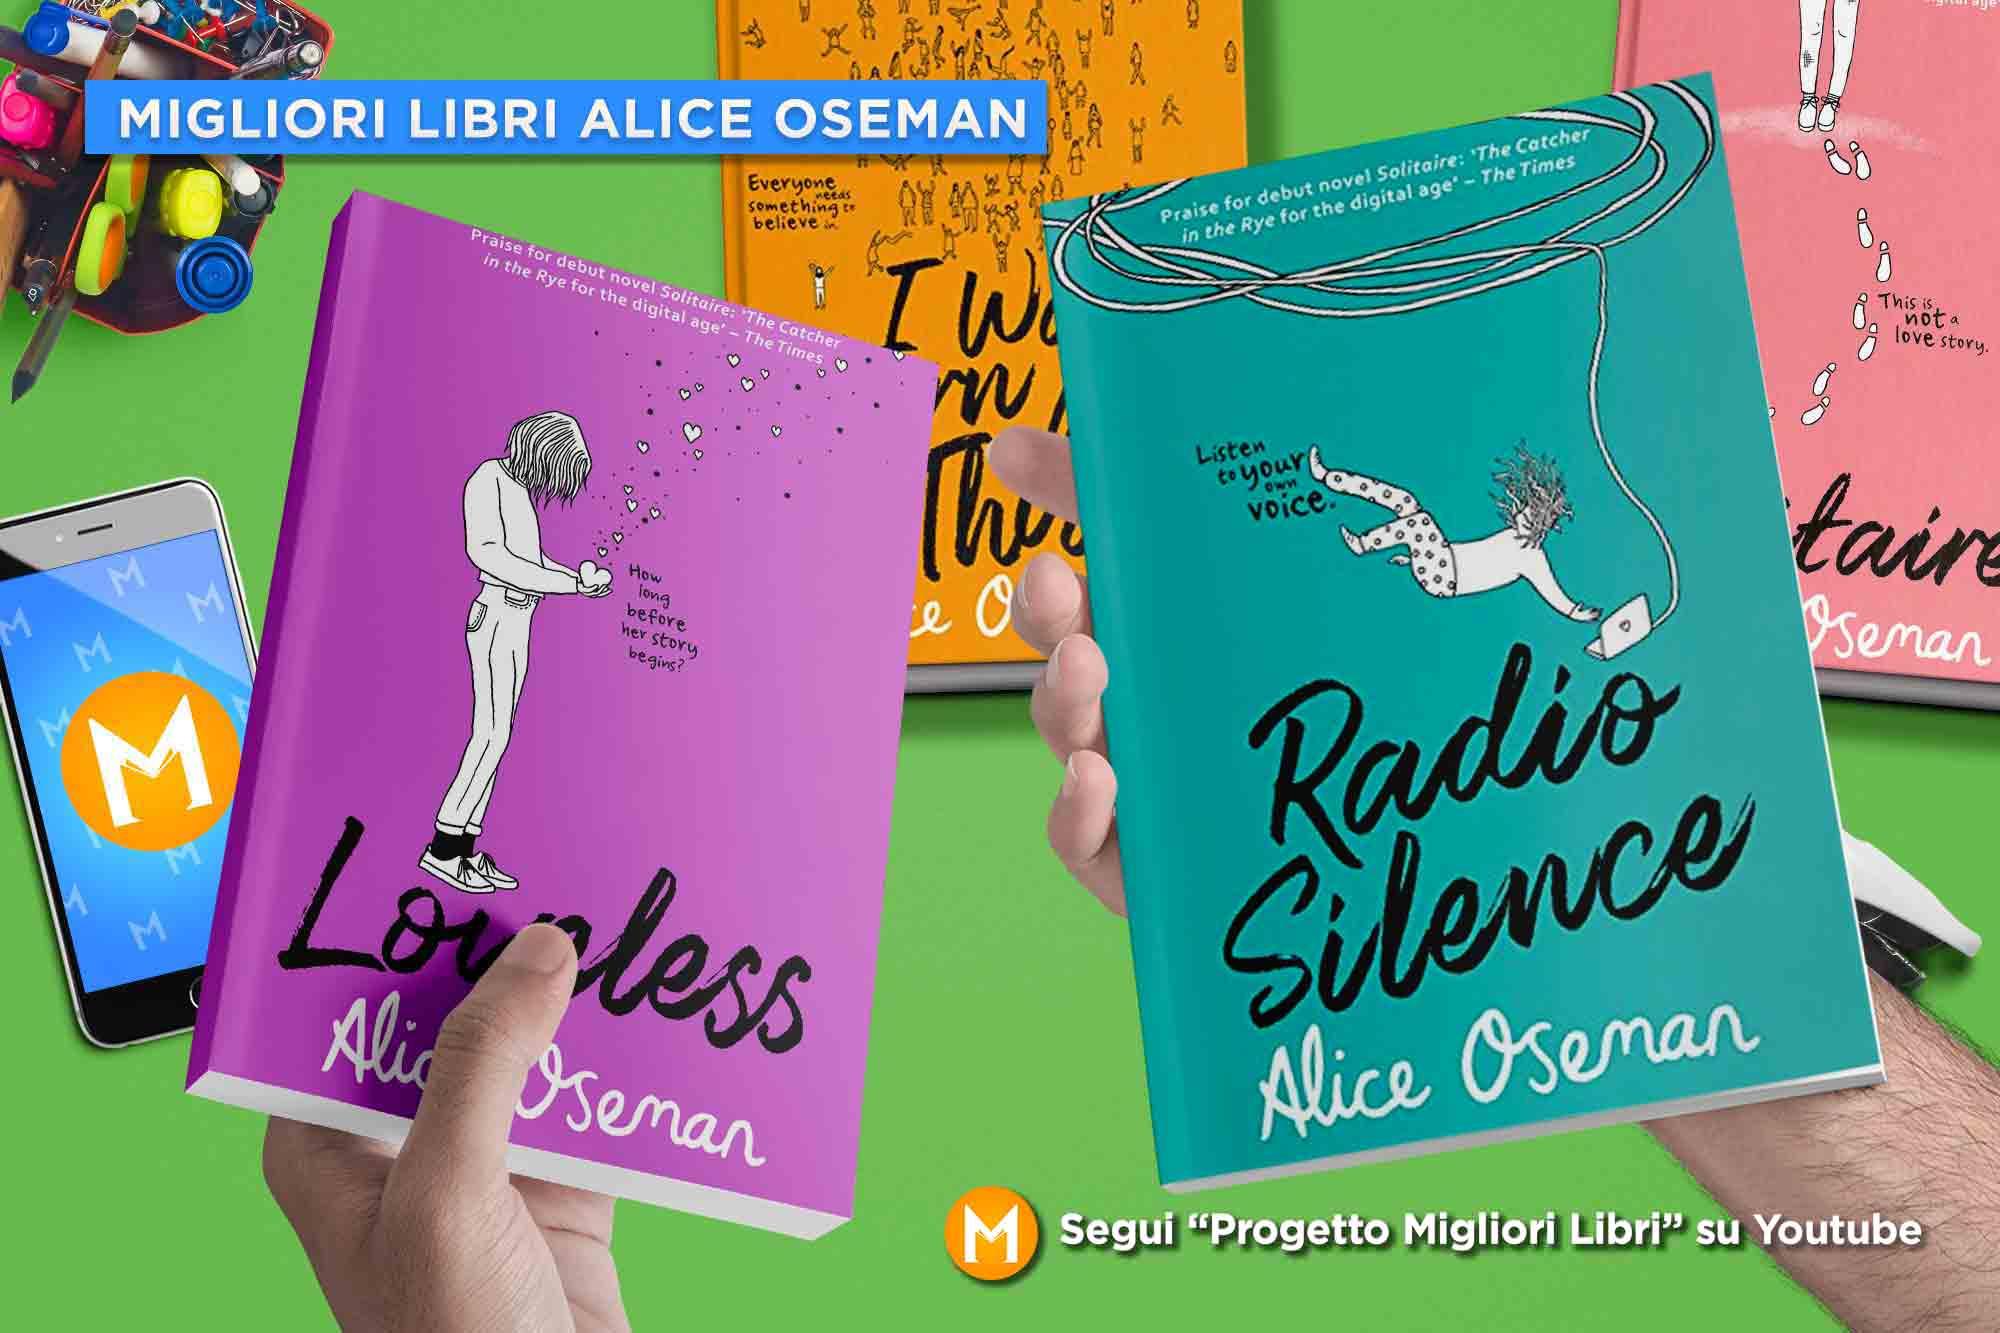 migliori-libri-alice-oseman